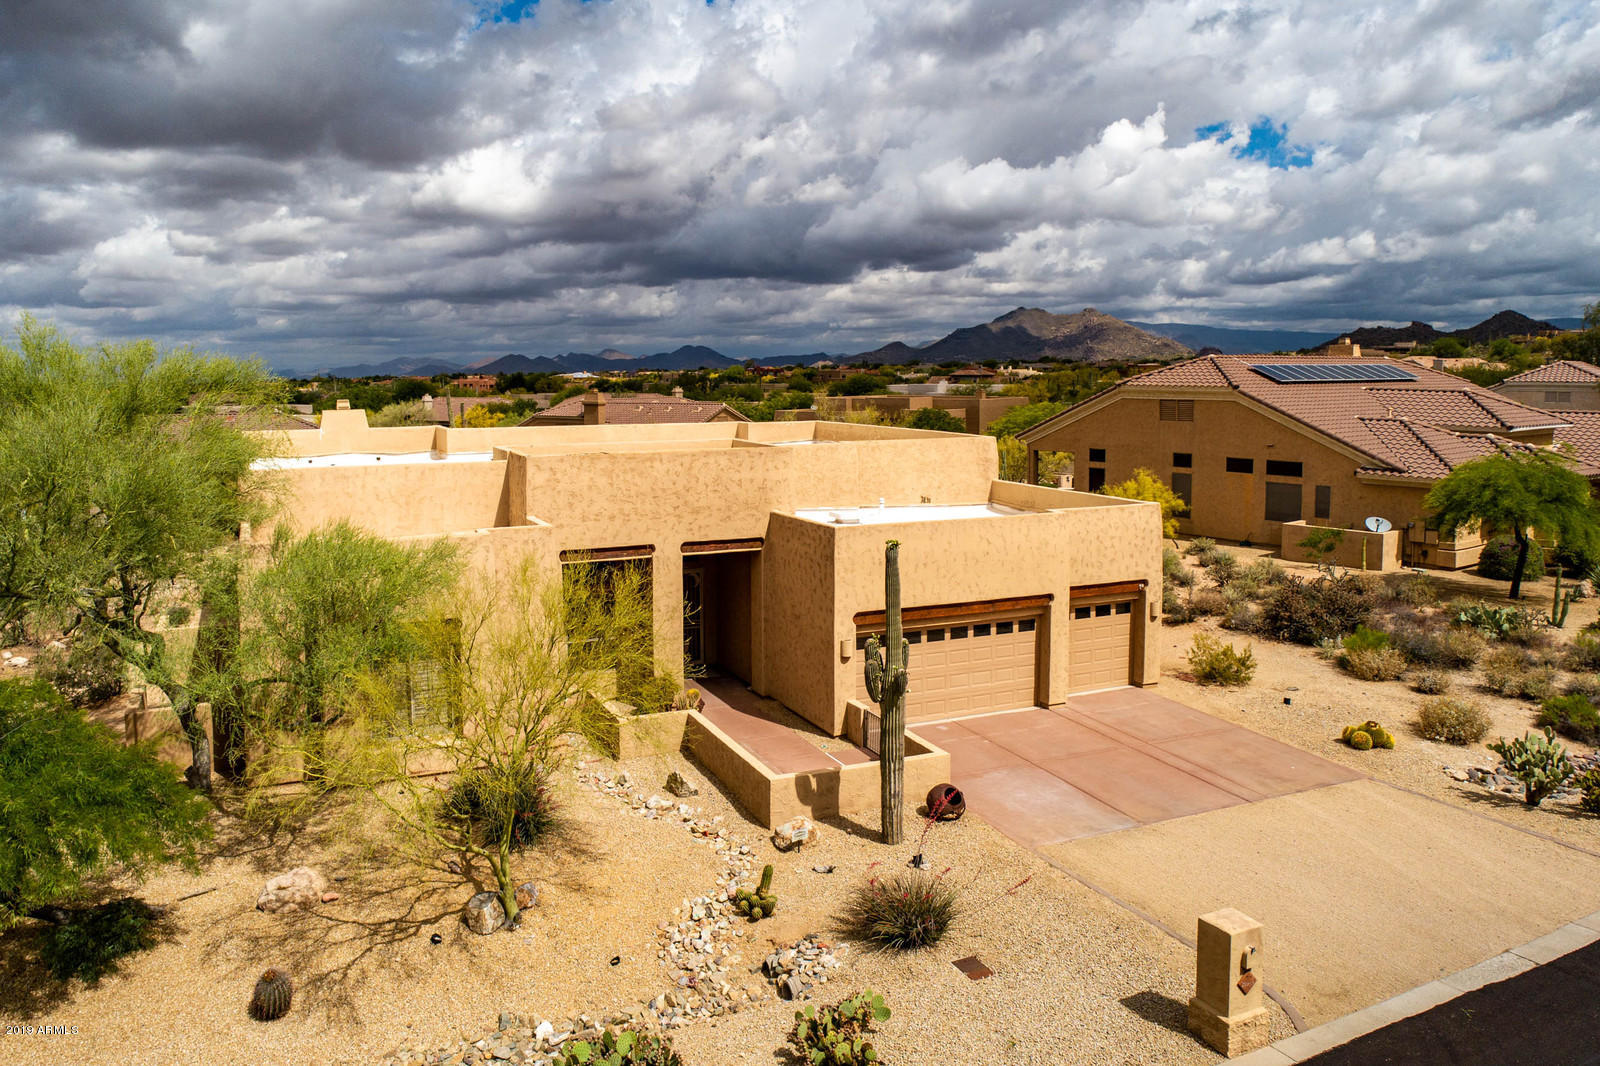 MLS 5930027 29944 N 78TH Place, Scottsdale, AZ 85266 Scottsdale AZ Private Pool